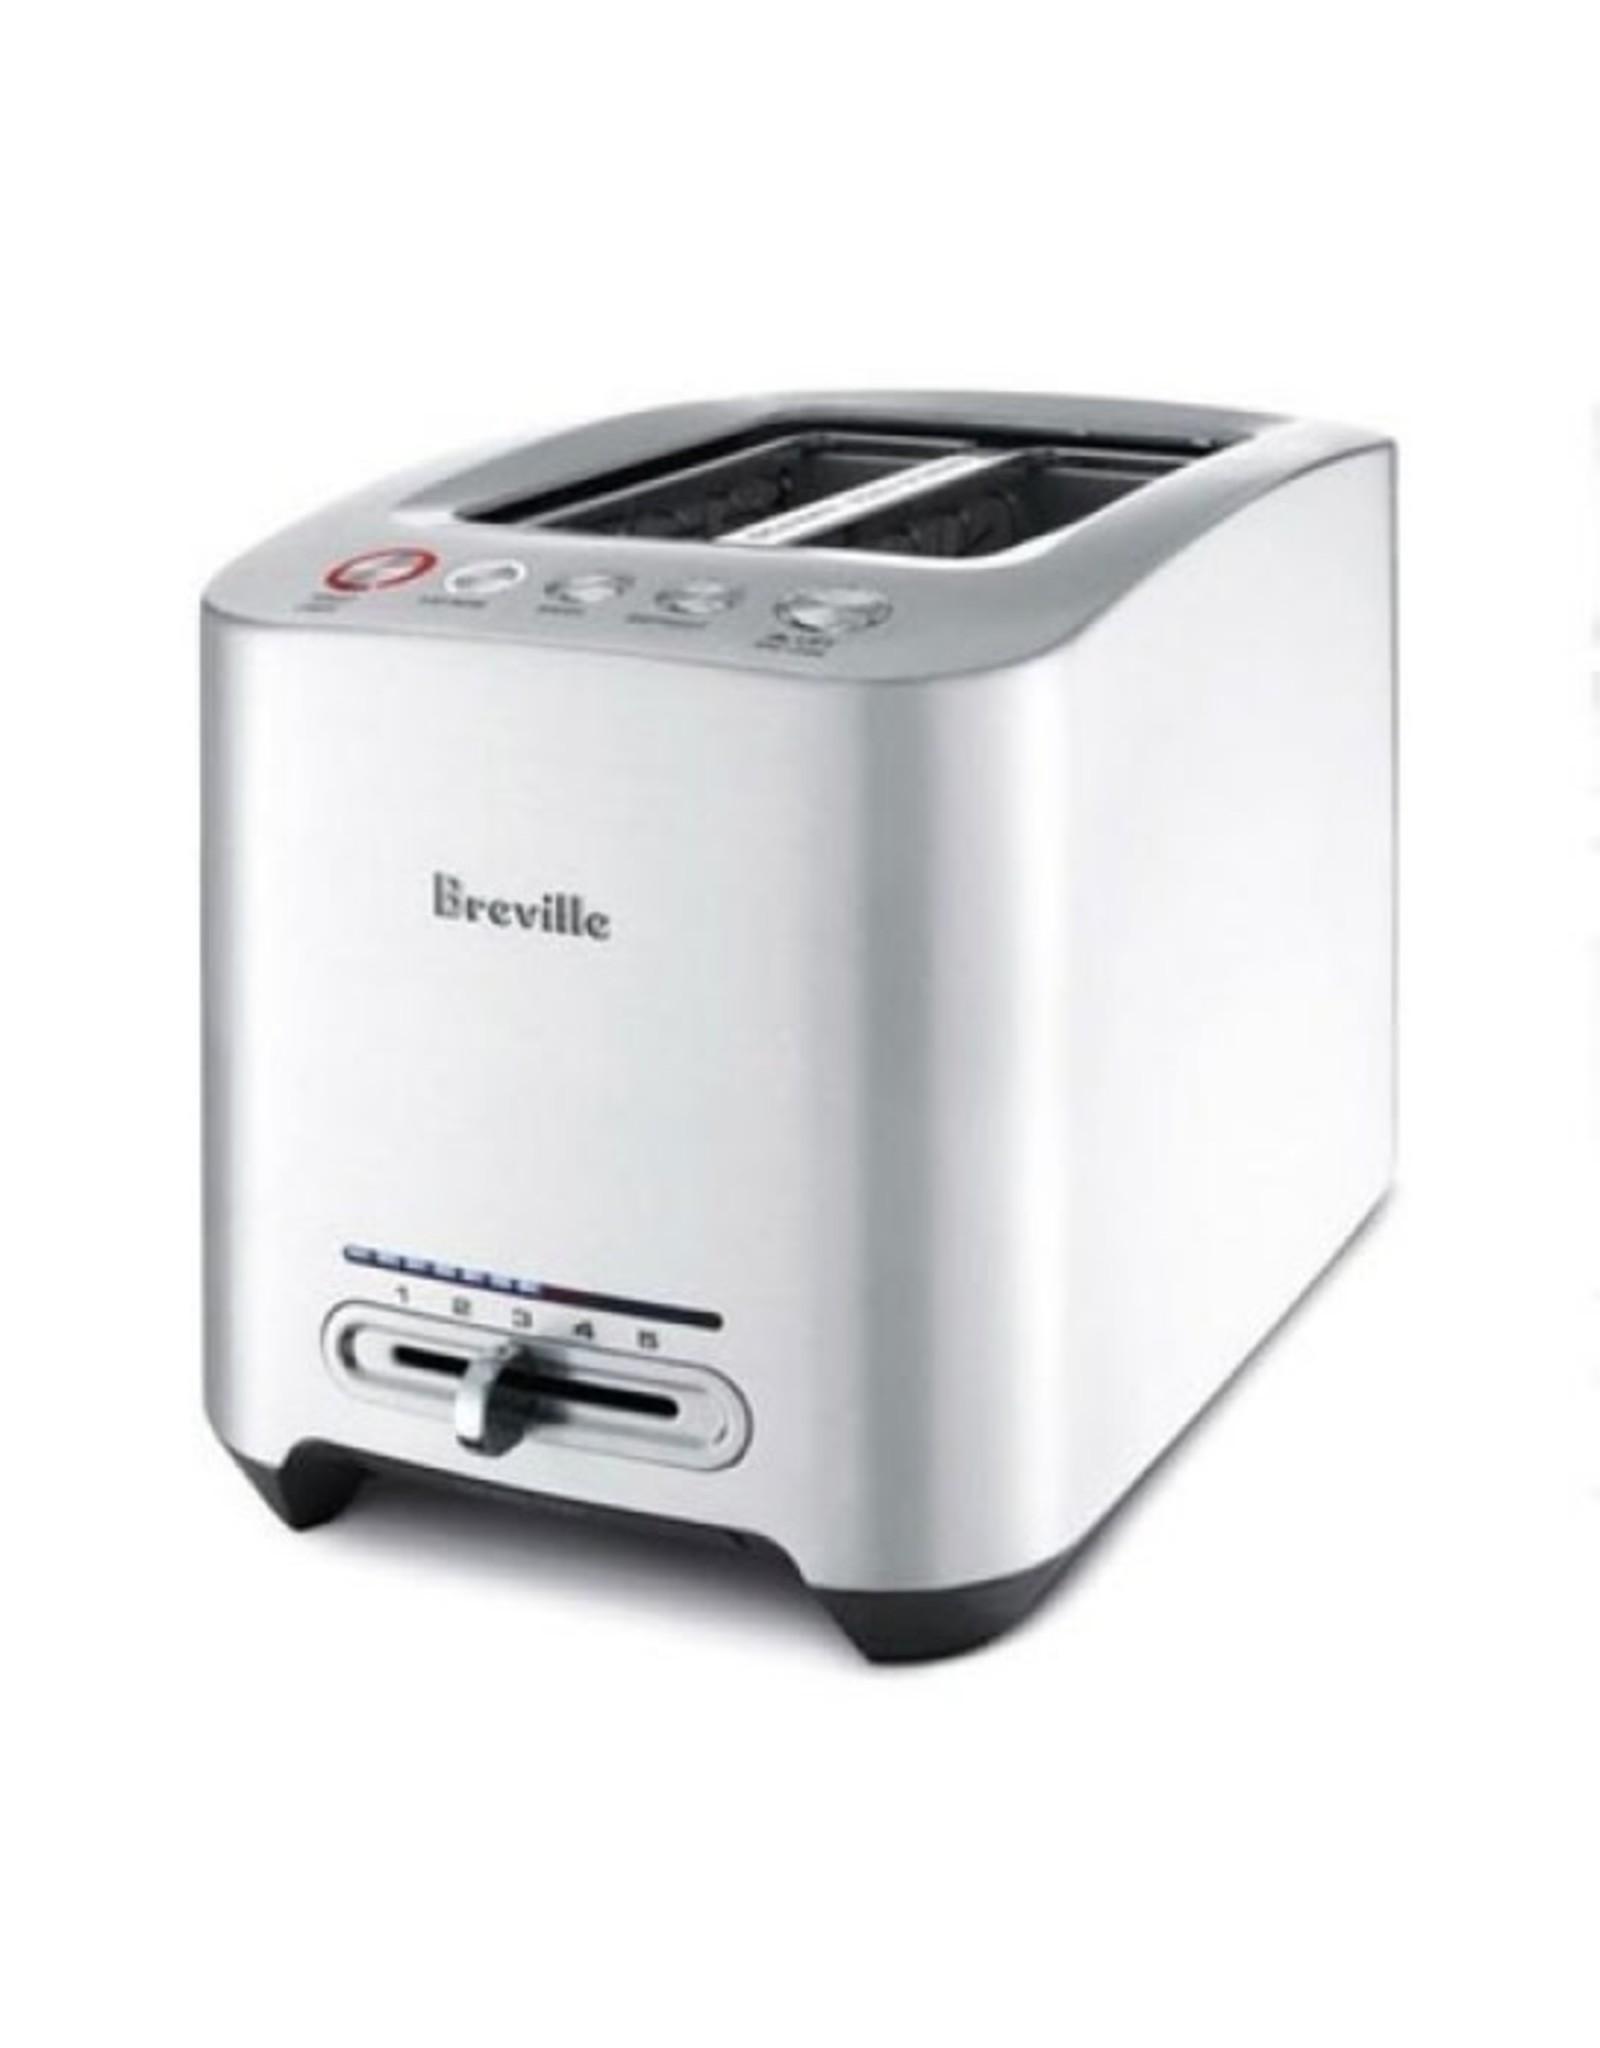 Breville Breville 2 Slot Smart Toaster